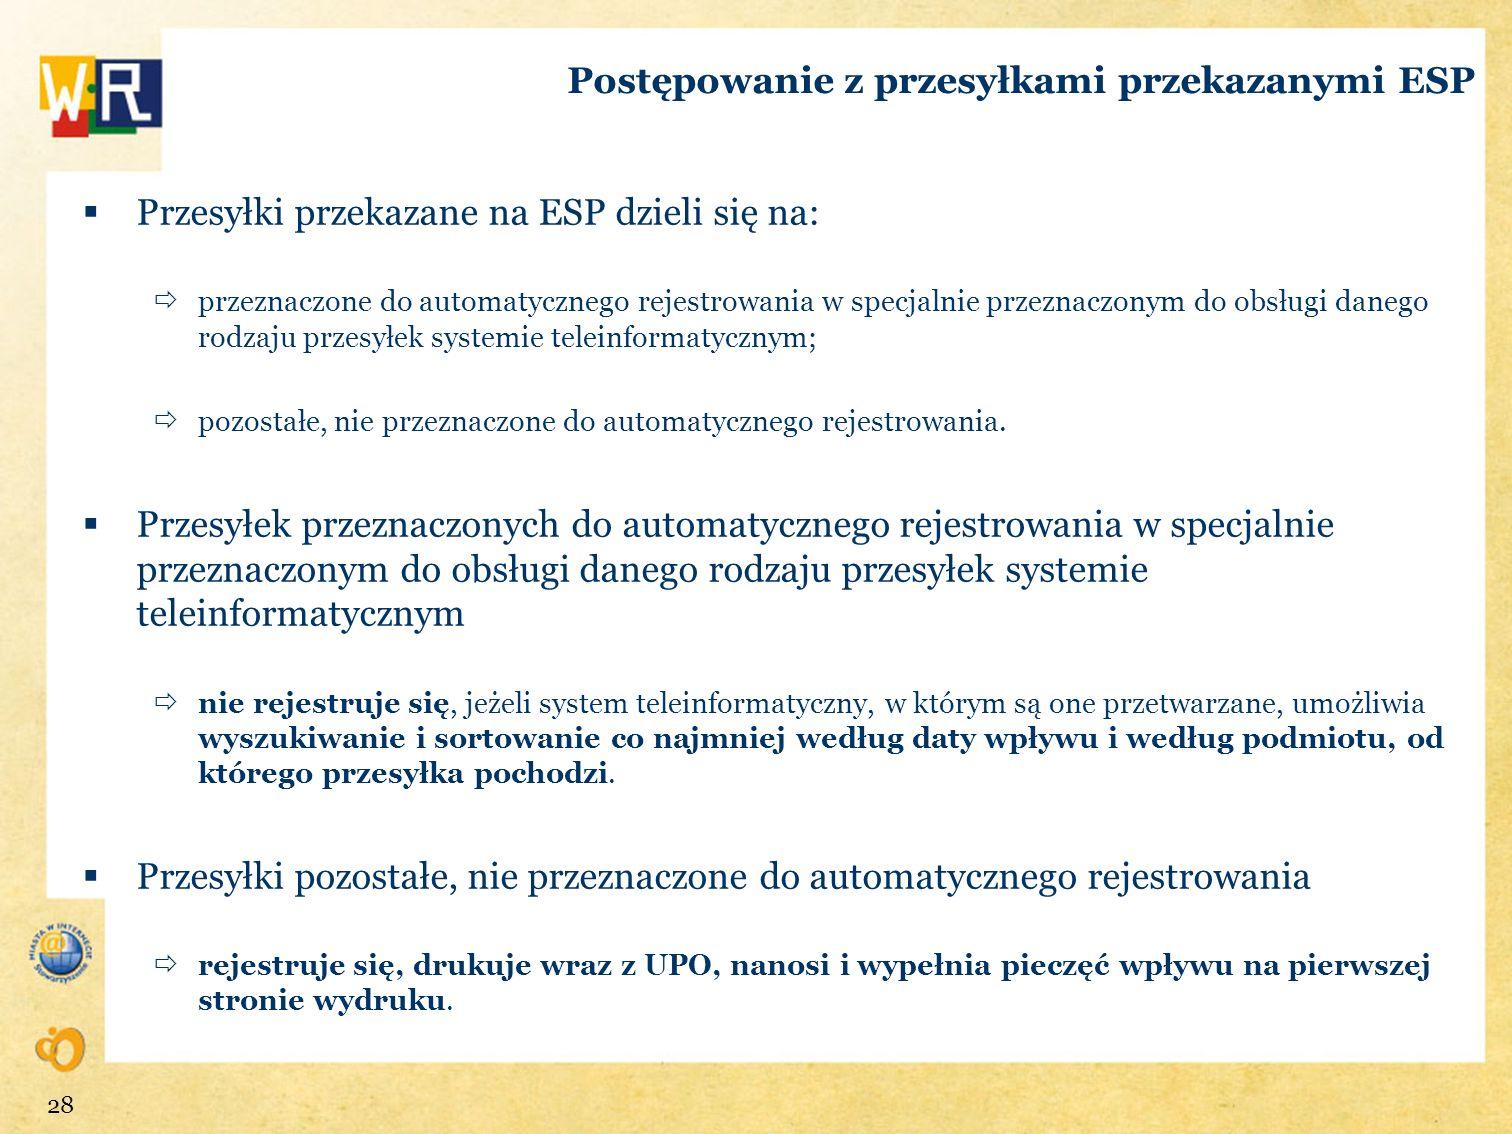 Postępowanie z przesyłkami przekazanymi ESP